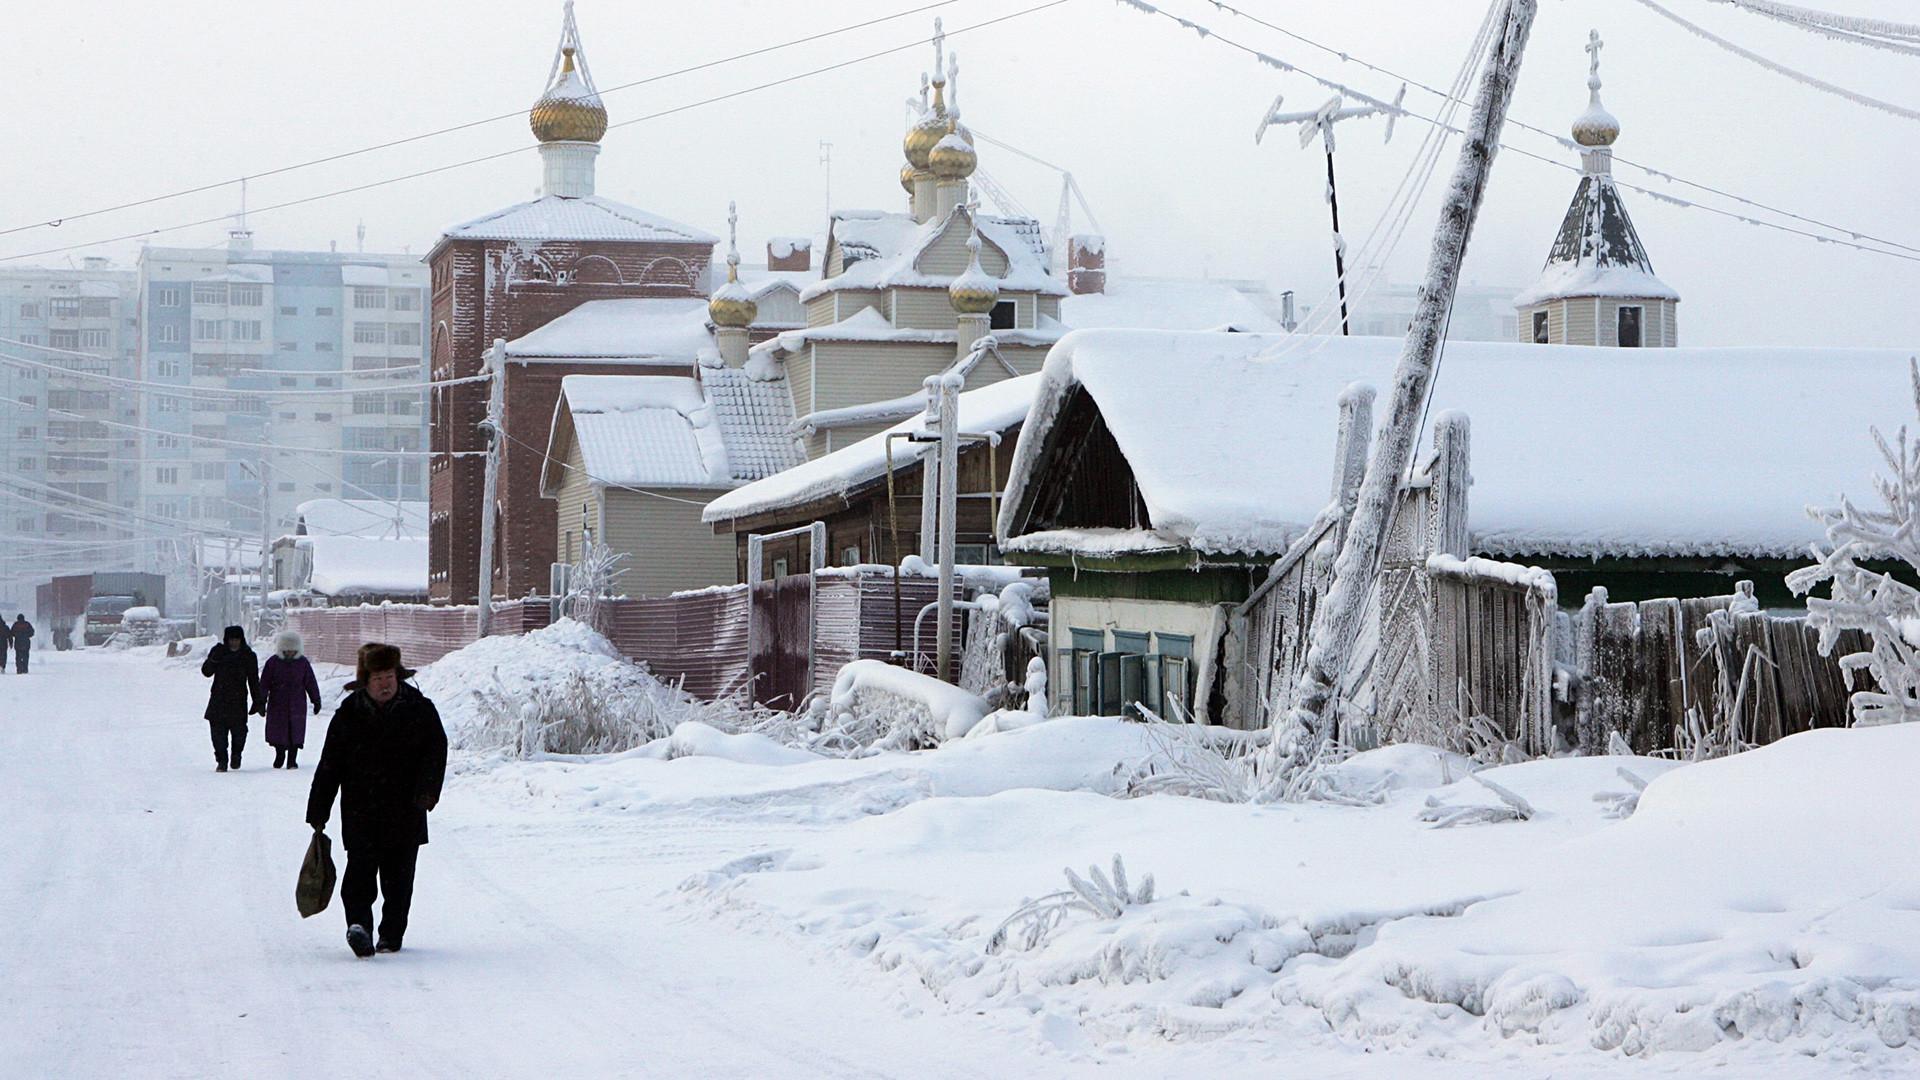 Musim dingin di kawasan kota tua.